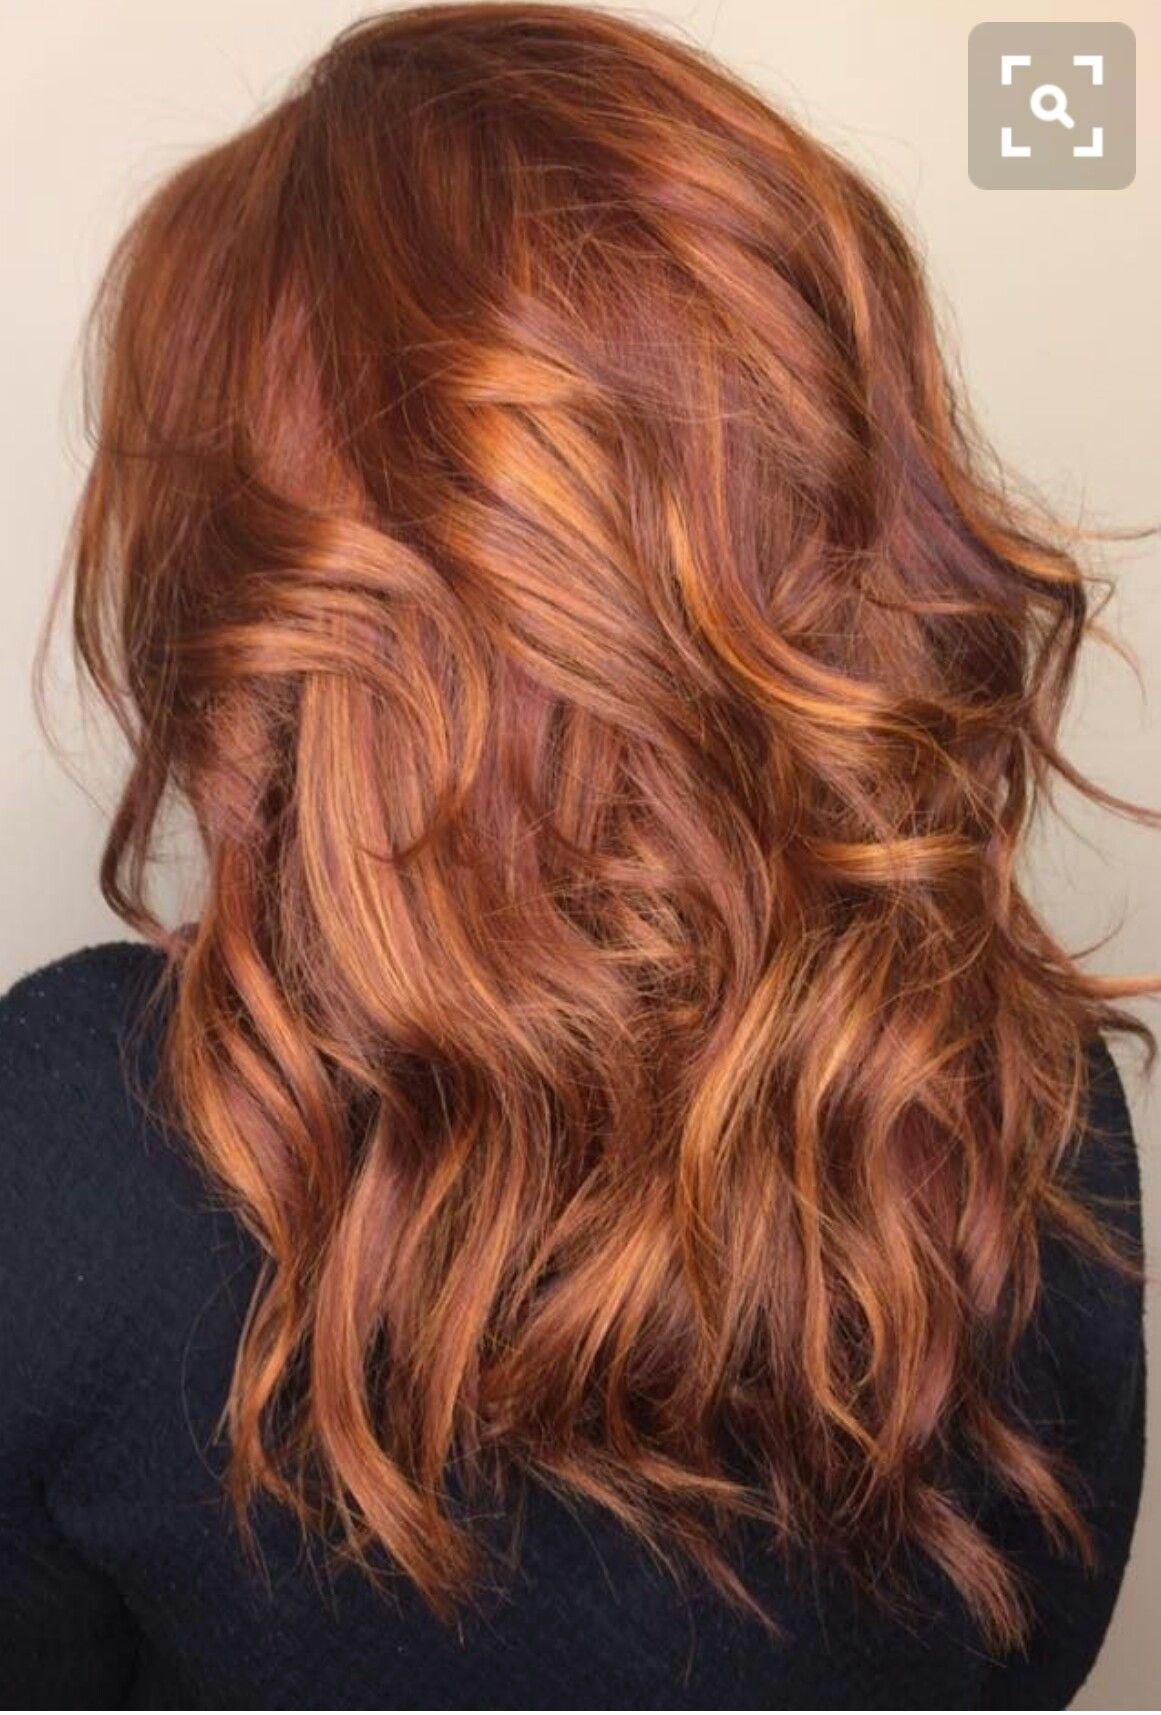 Caddedecdeebecjpg  pixels  Hair